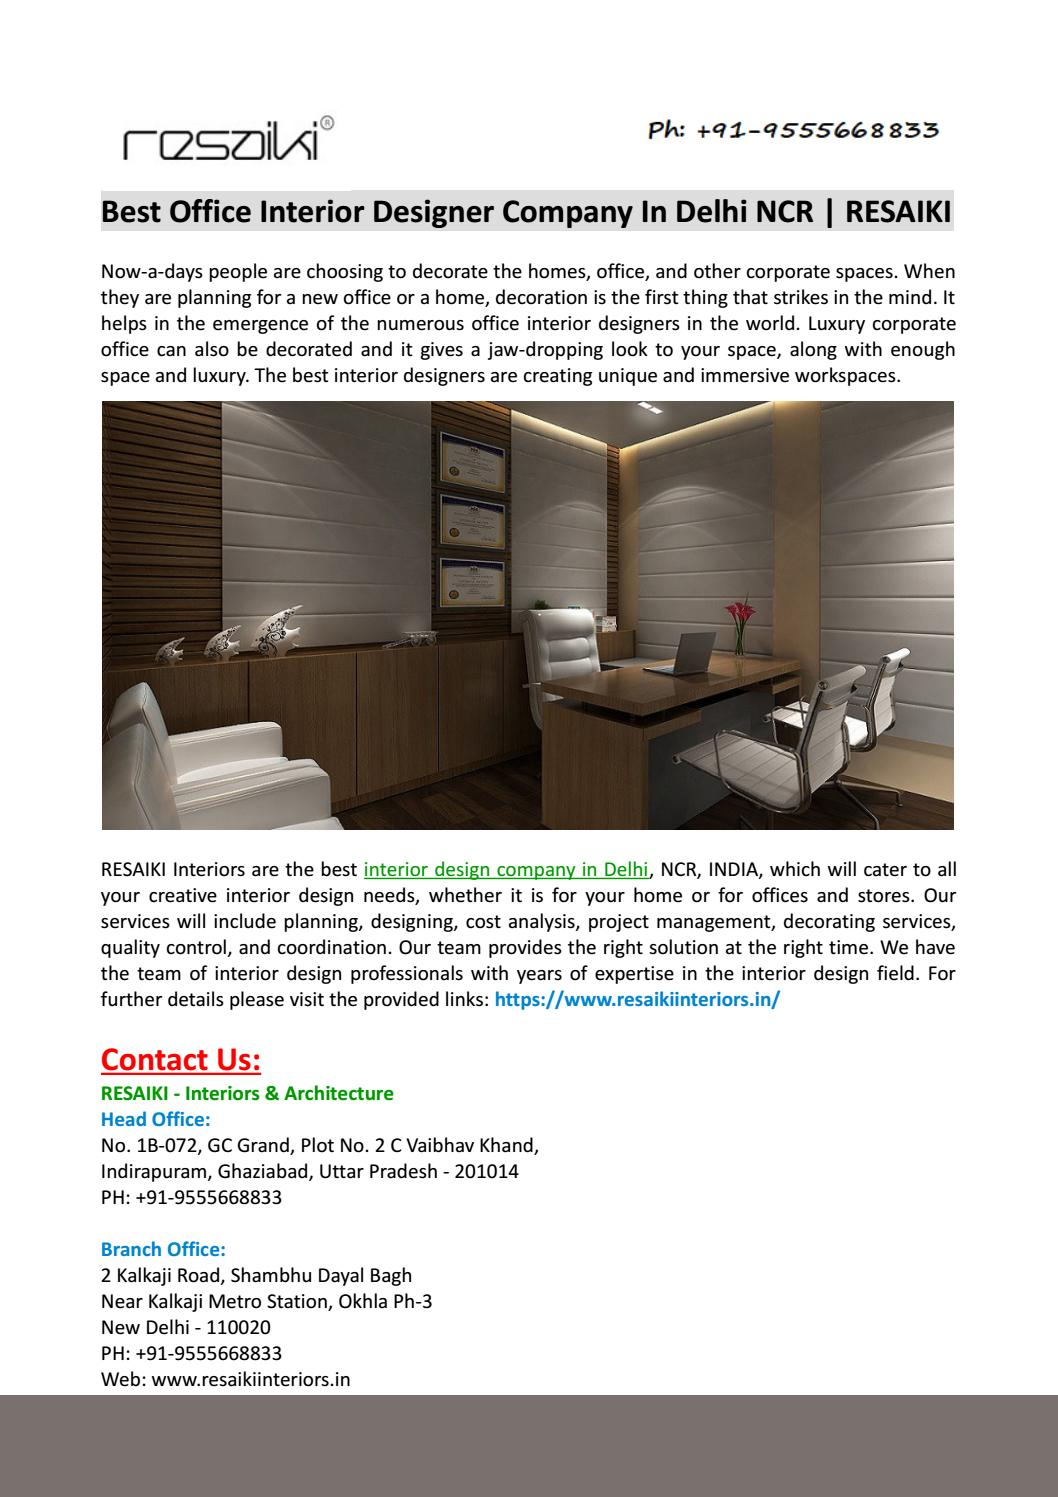 interior designers company in delhi new delhi